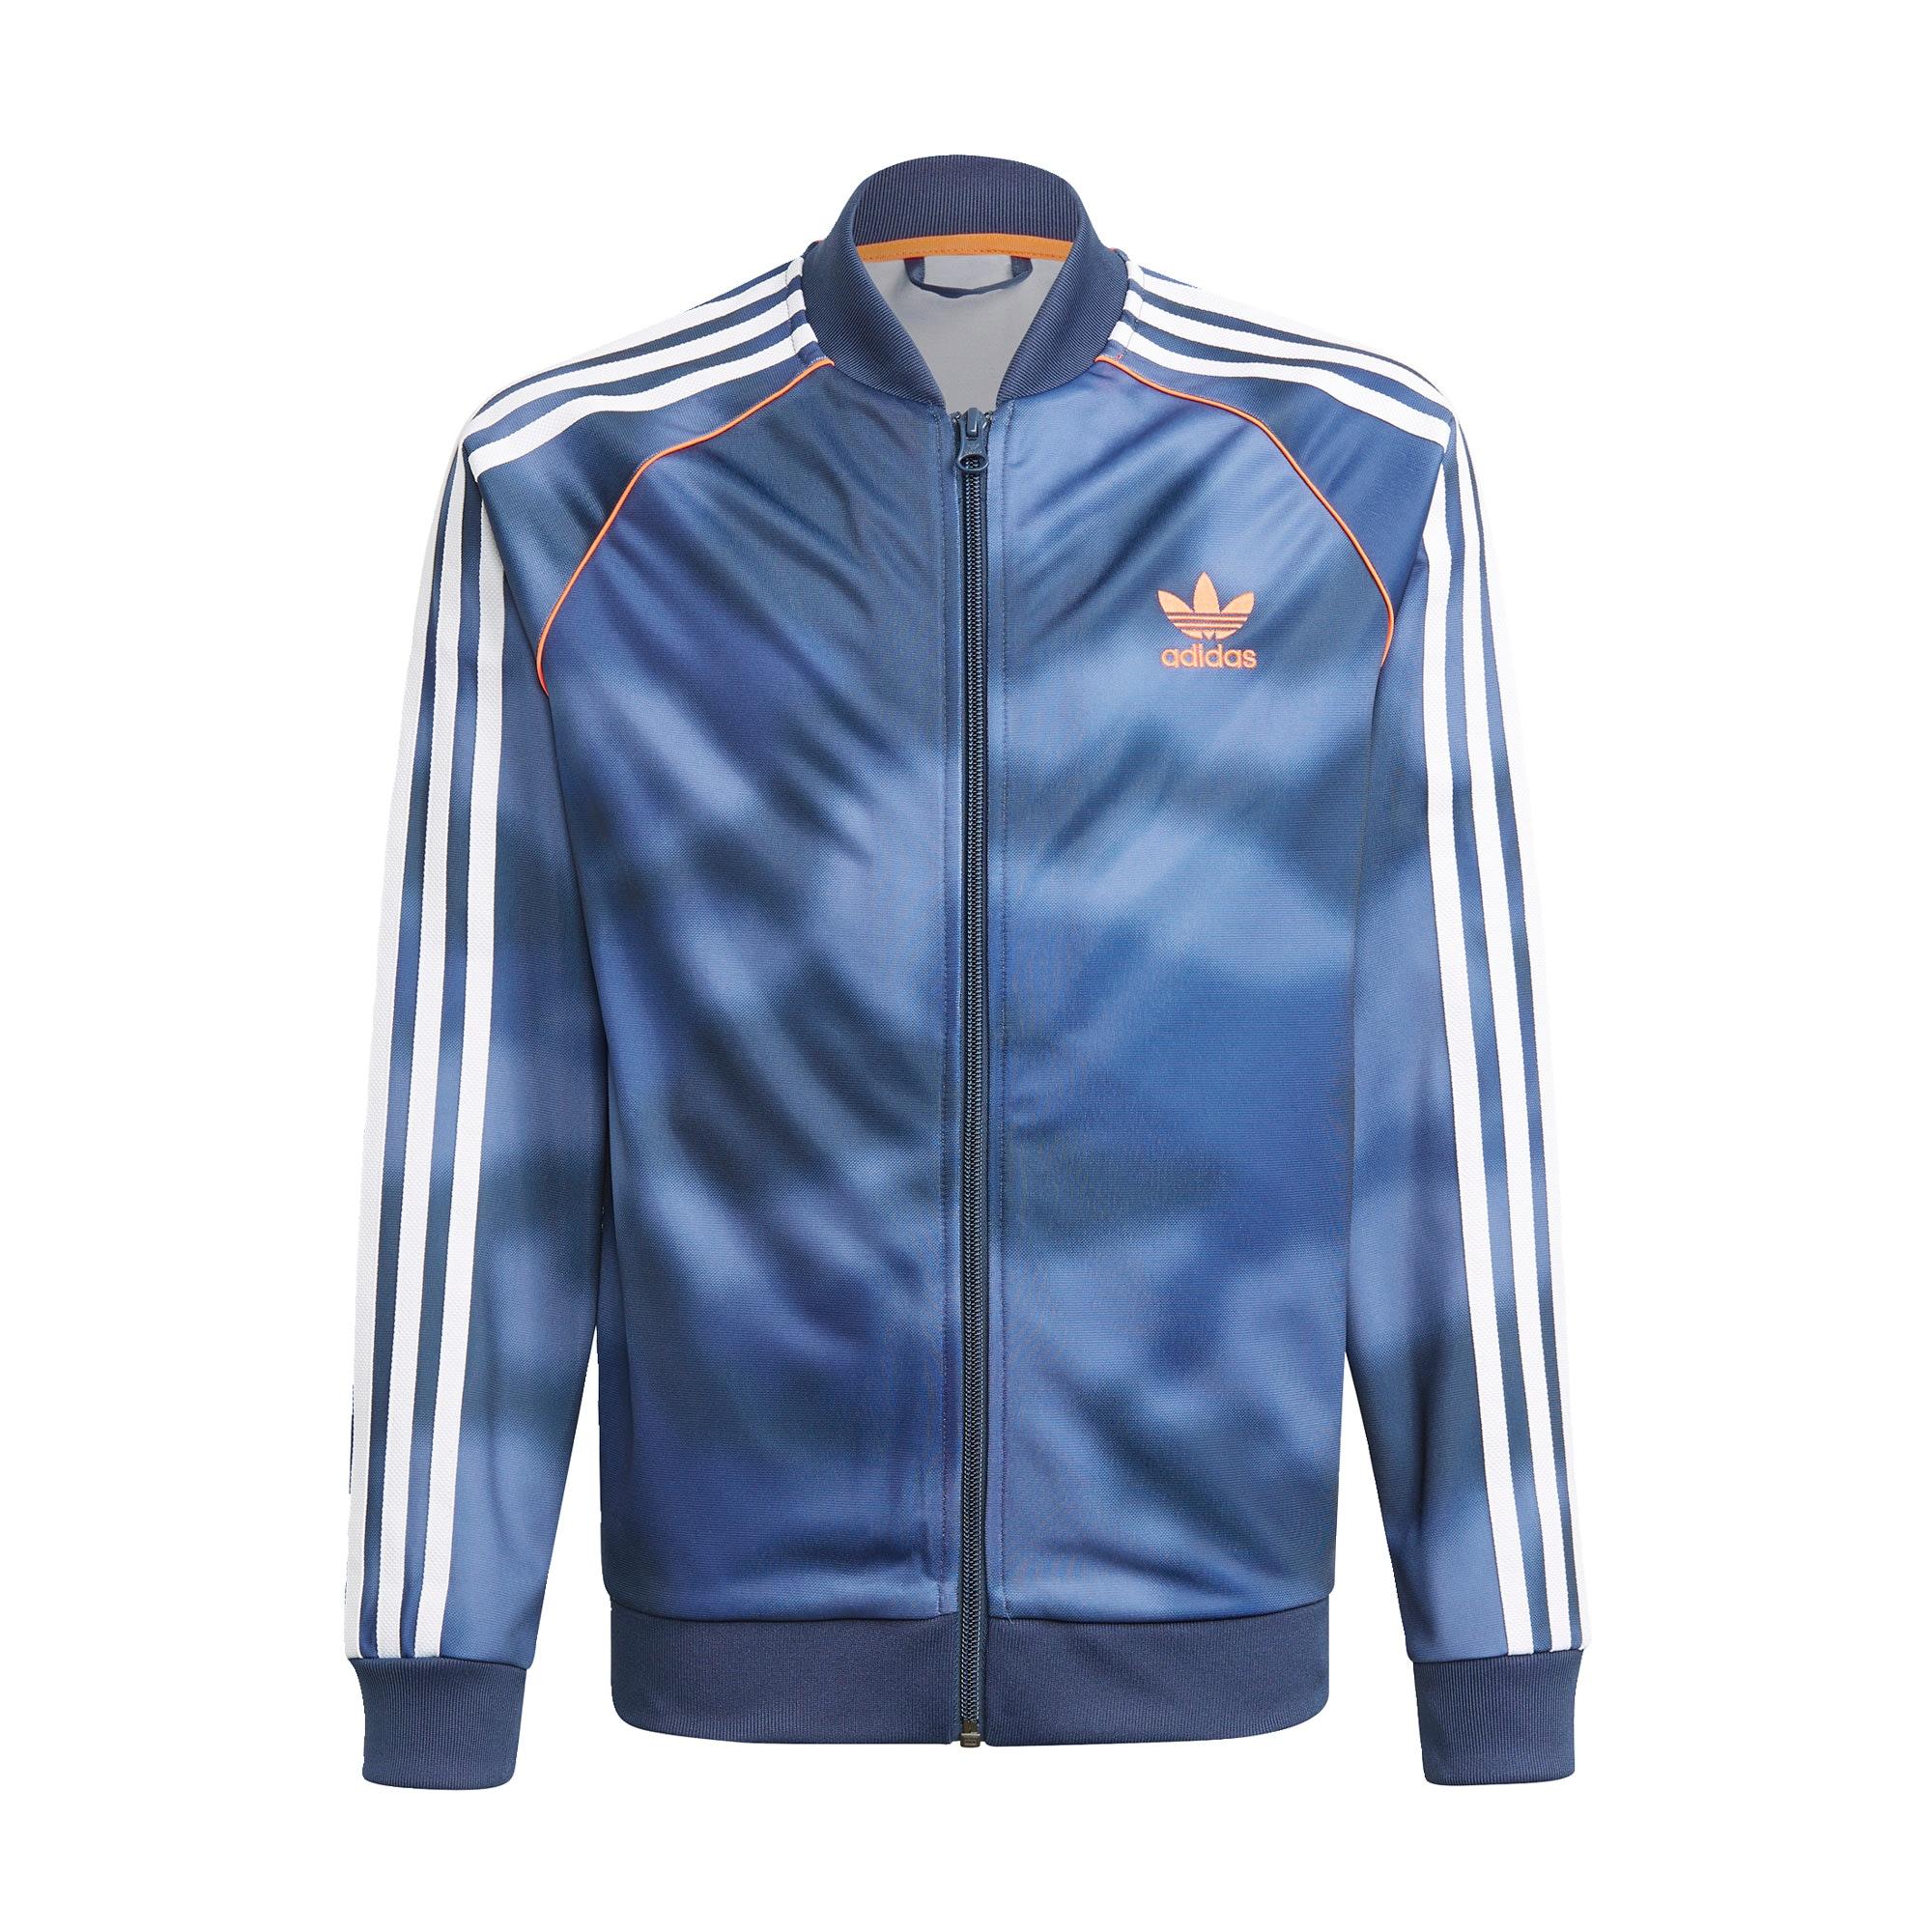 ADIDAS ORIGINALS Demisezoninė striukė mėlyna / balta / oranžinė / mėlyna dūmų spalva